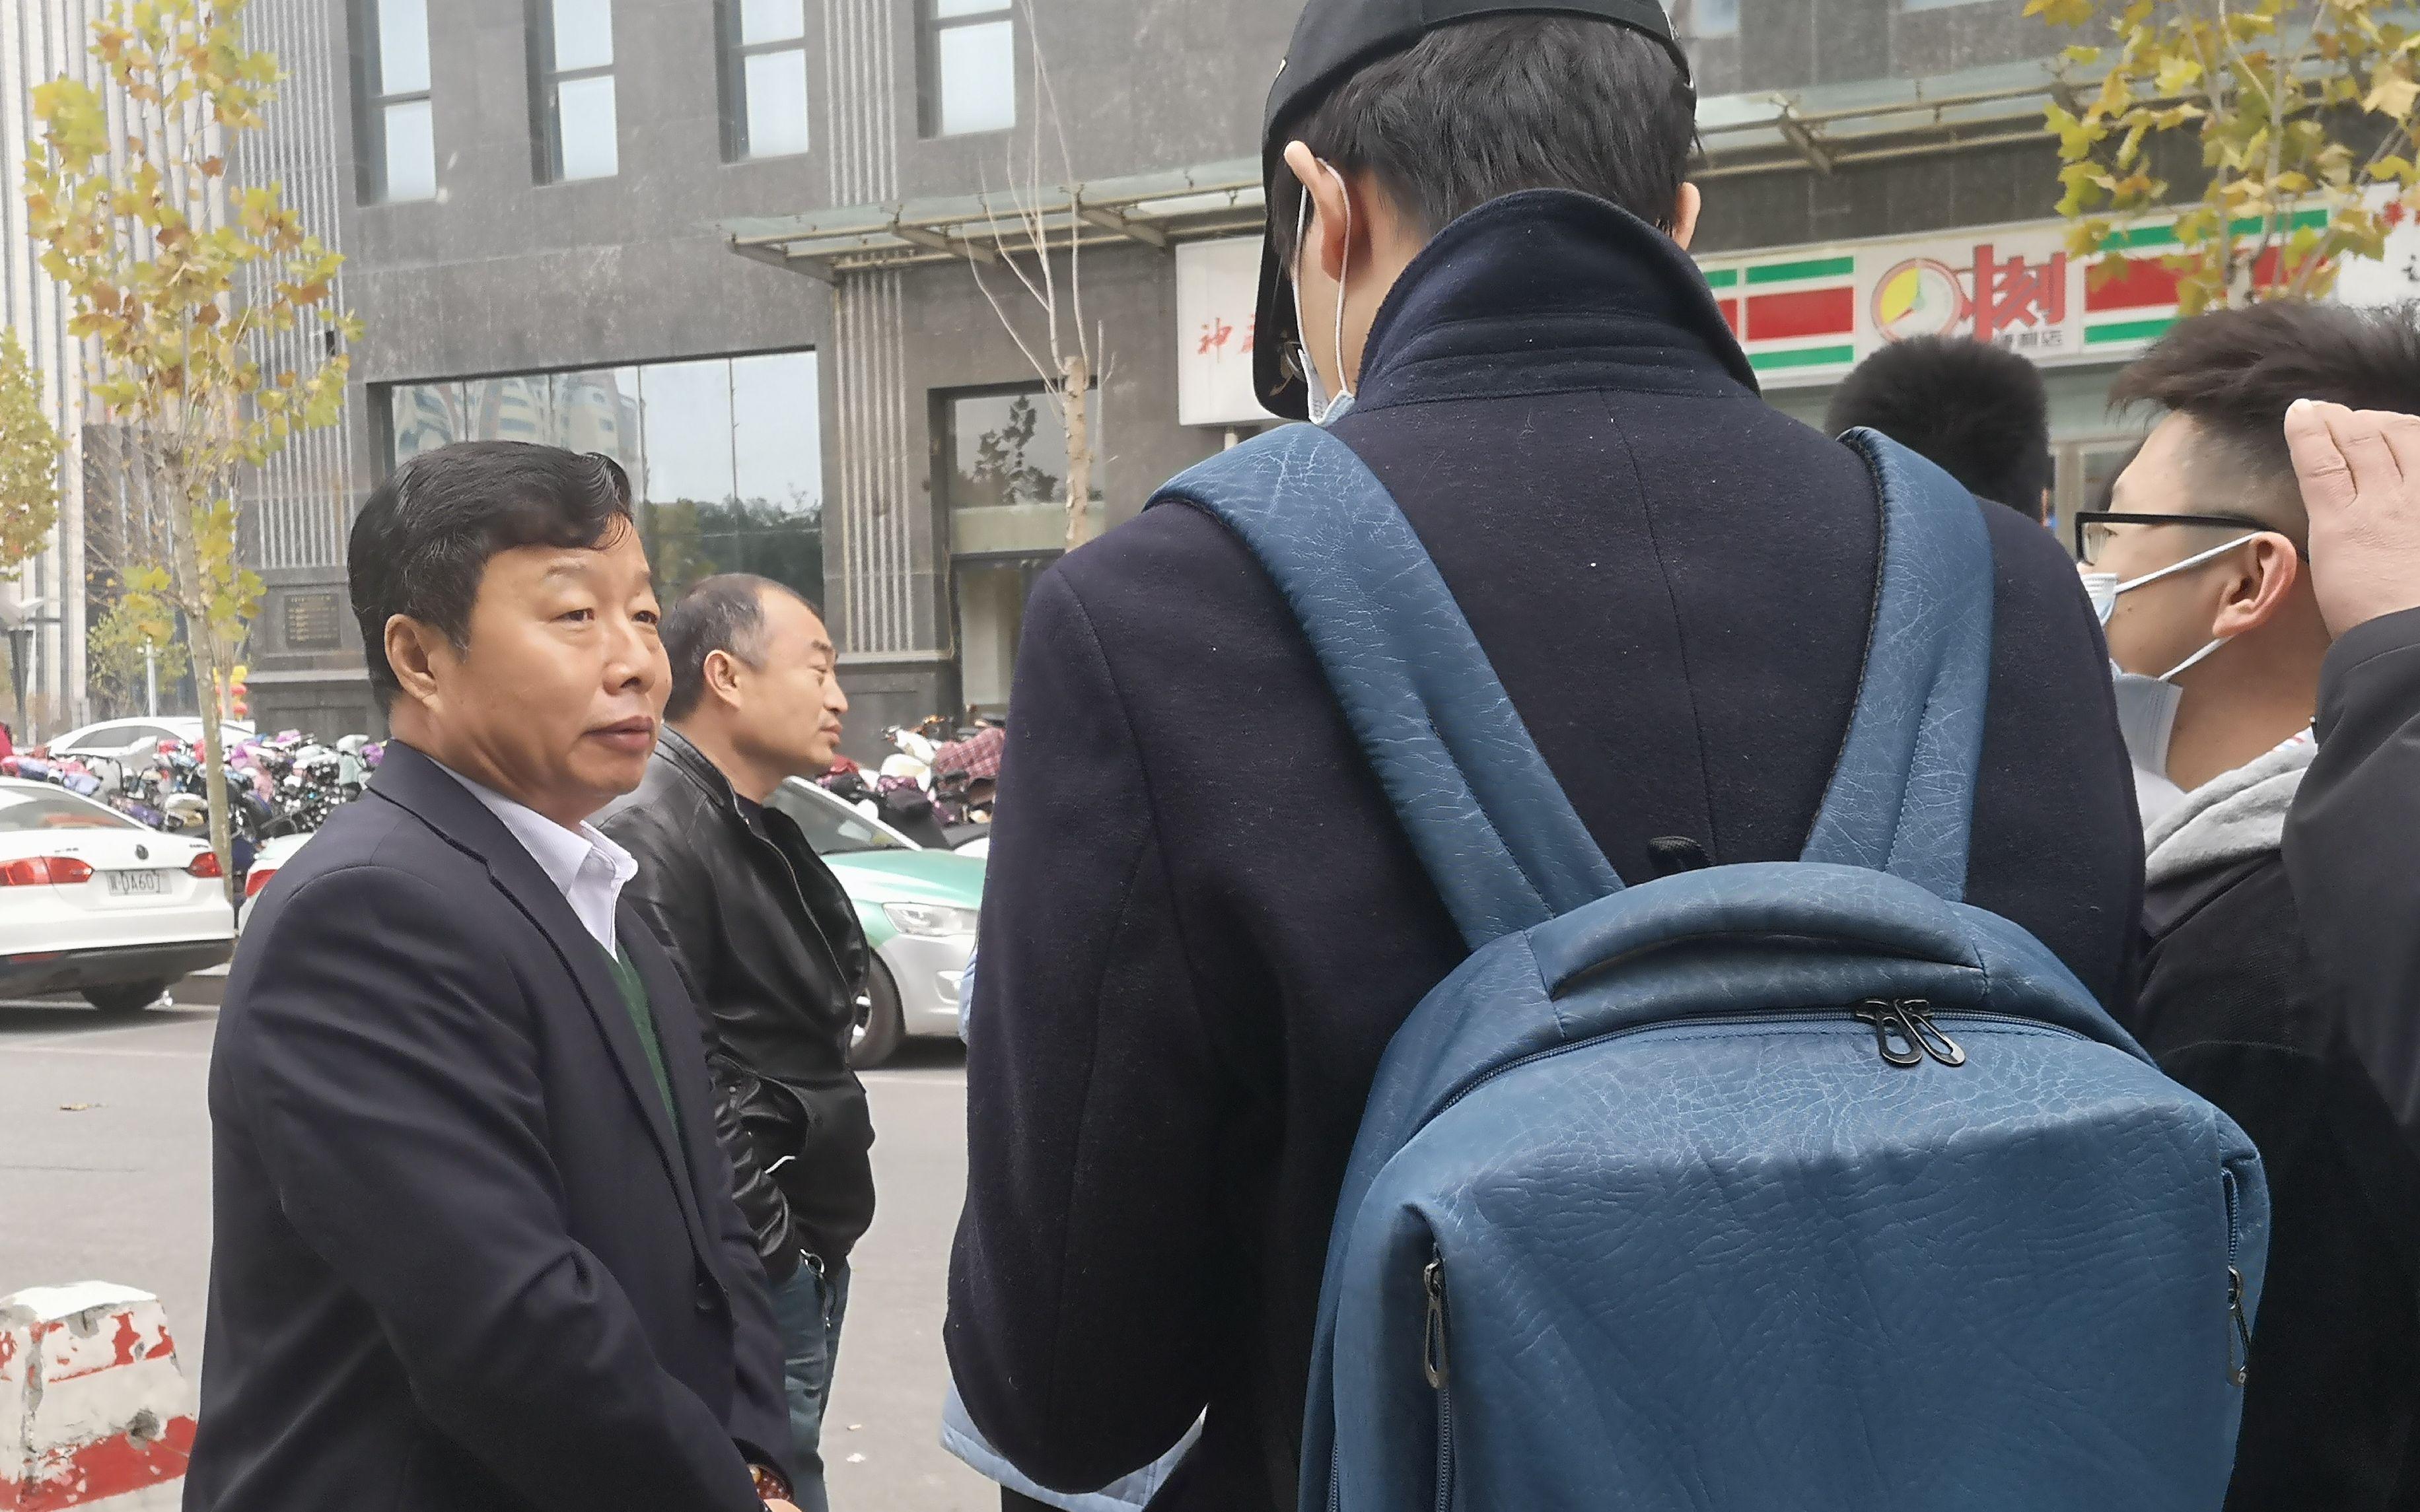 王书金的辩护律师朱爱民接受采访。新京报记者 李桂 摄